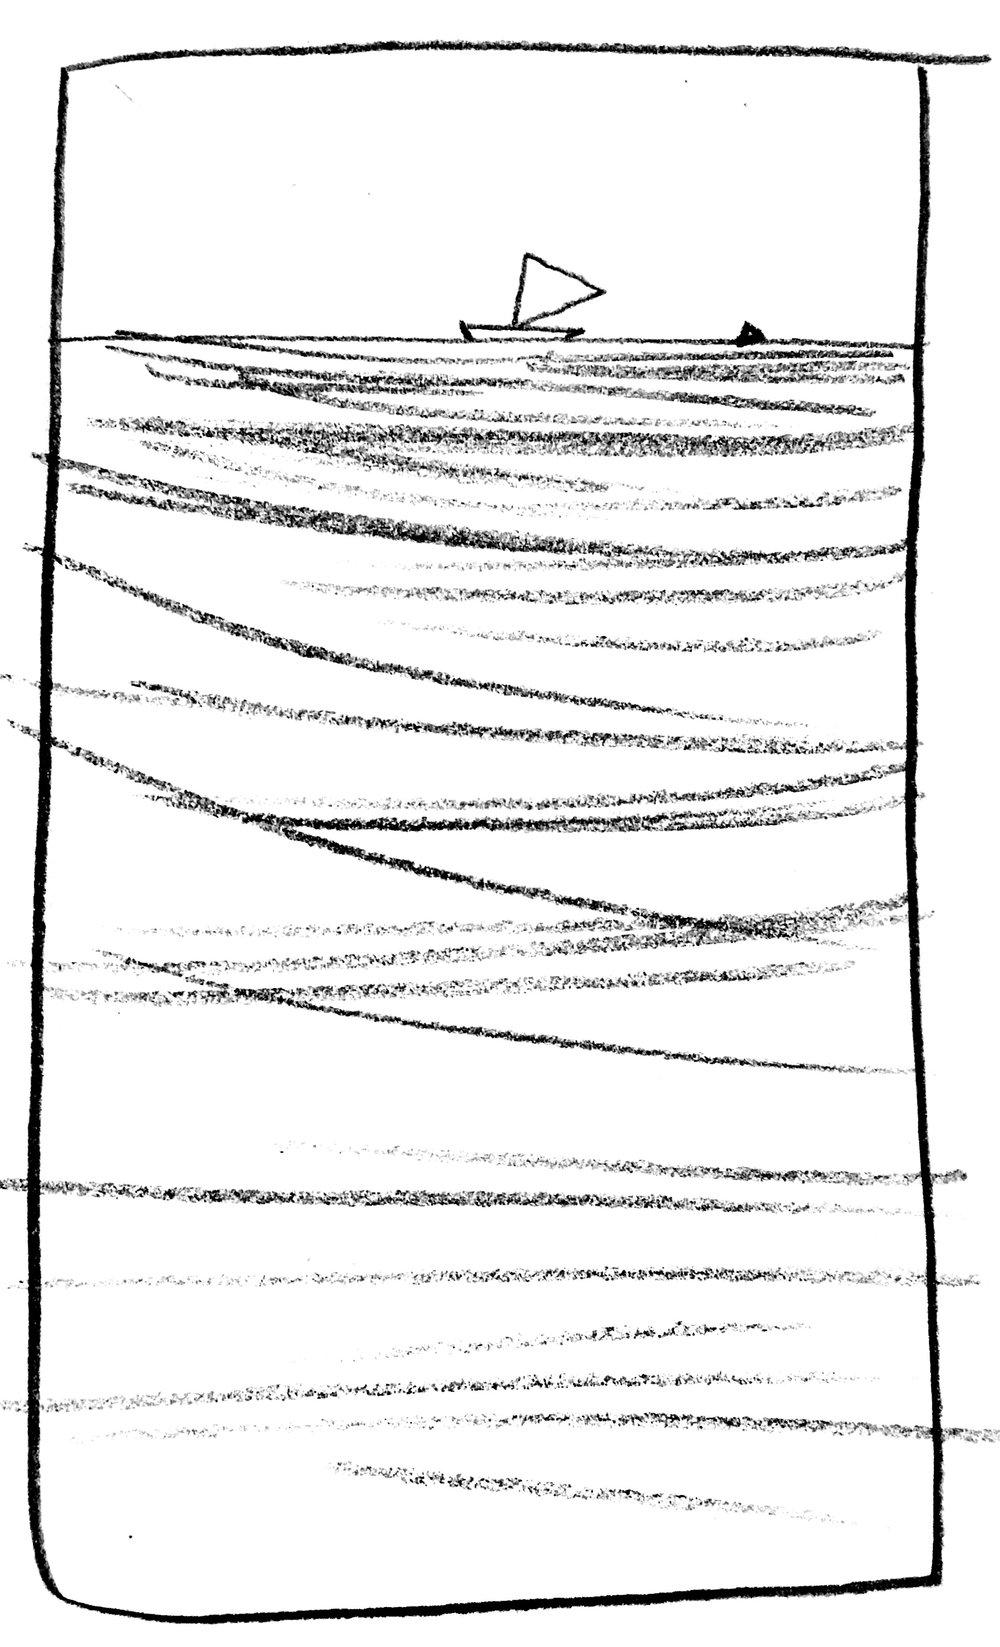 V2 Burgo sketches page 4.jpg